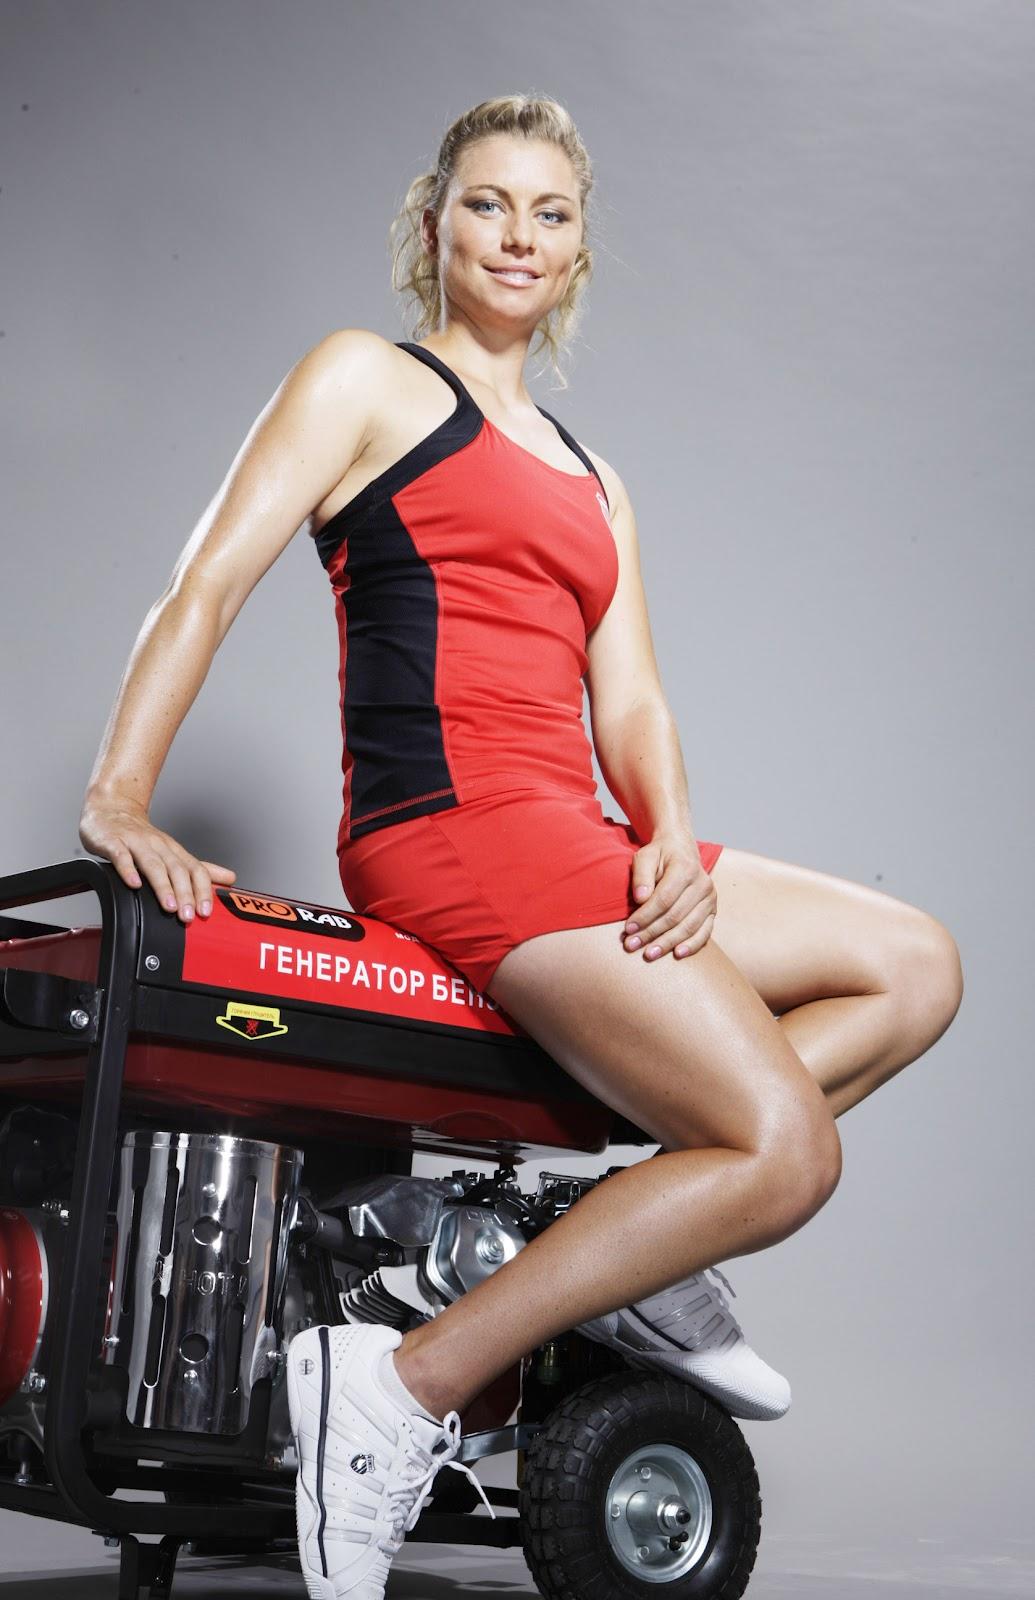 Russian Tennis Star Vera Zvonareva Hot Pics Hottest